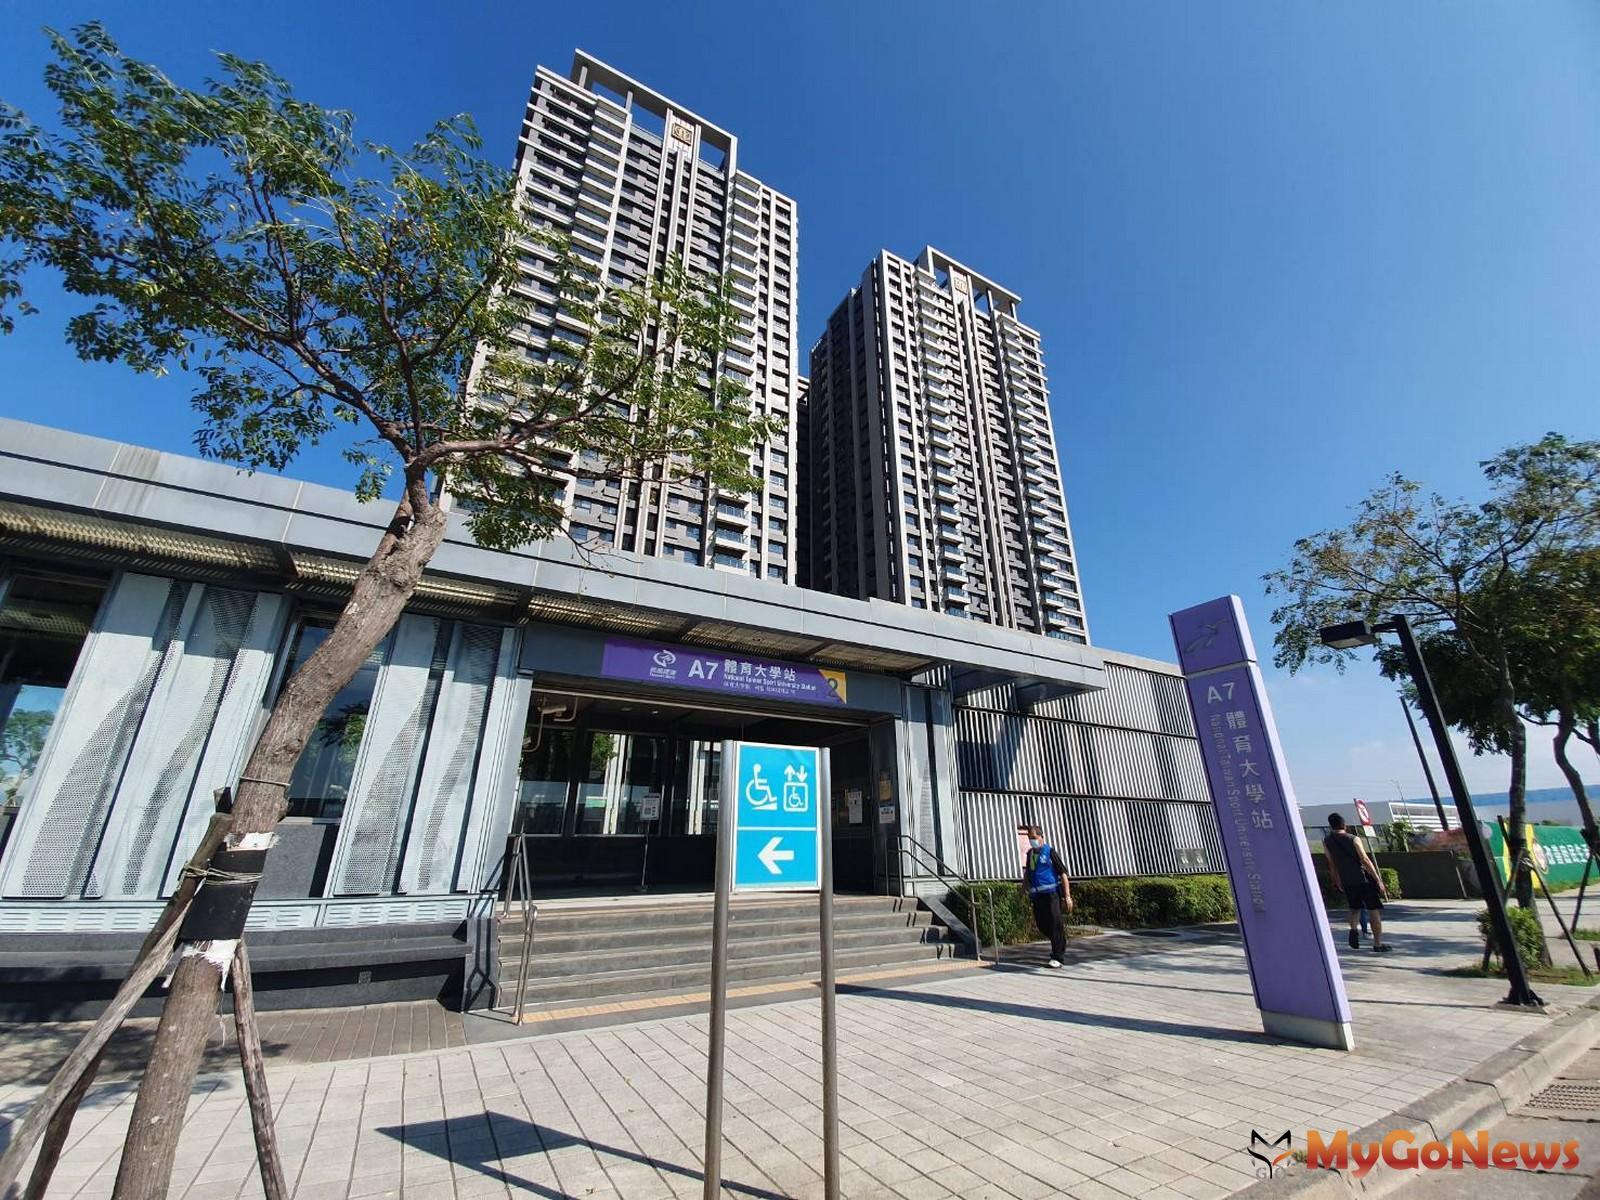 機捷A7體育大學站(圖/台灣房屋) MyGoNews房地產新聞 市場快訊